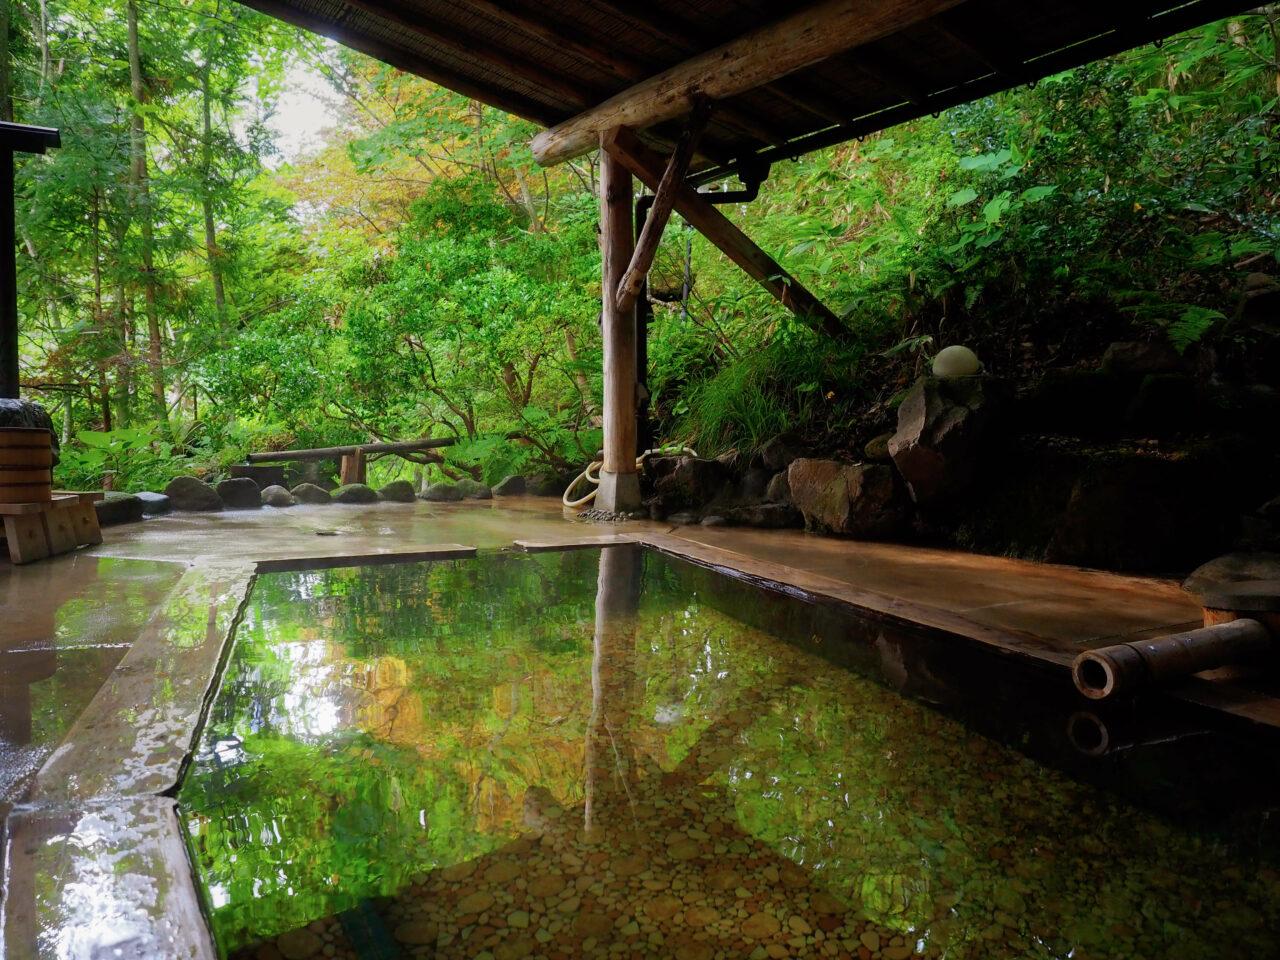 秘湯と呼ばれる温泉と、近場の温泉の効果効能はどの程度違うのか?